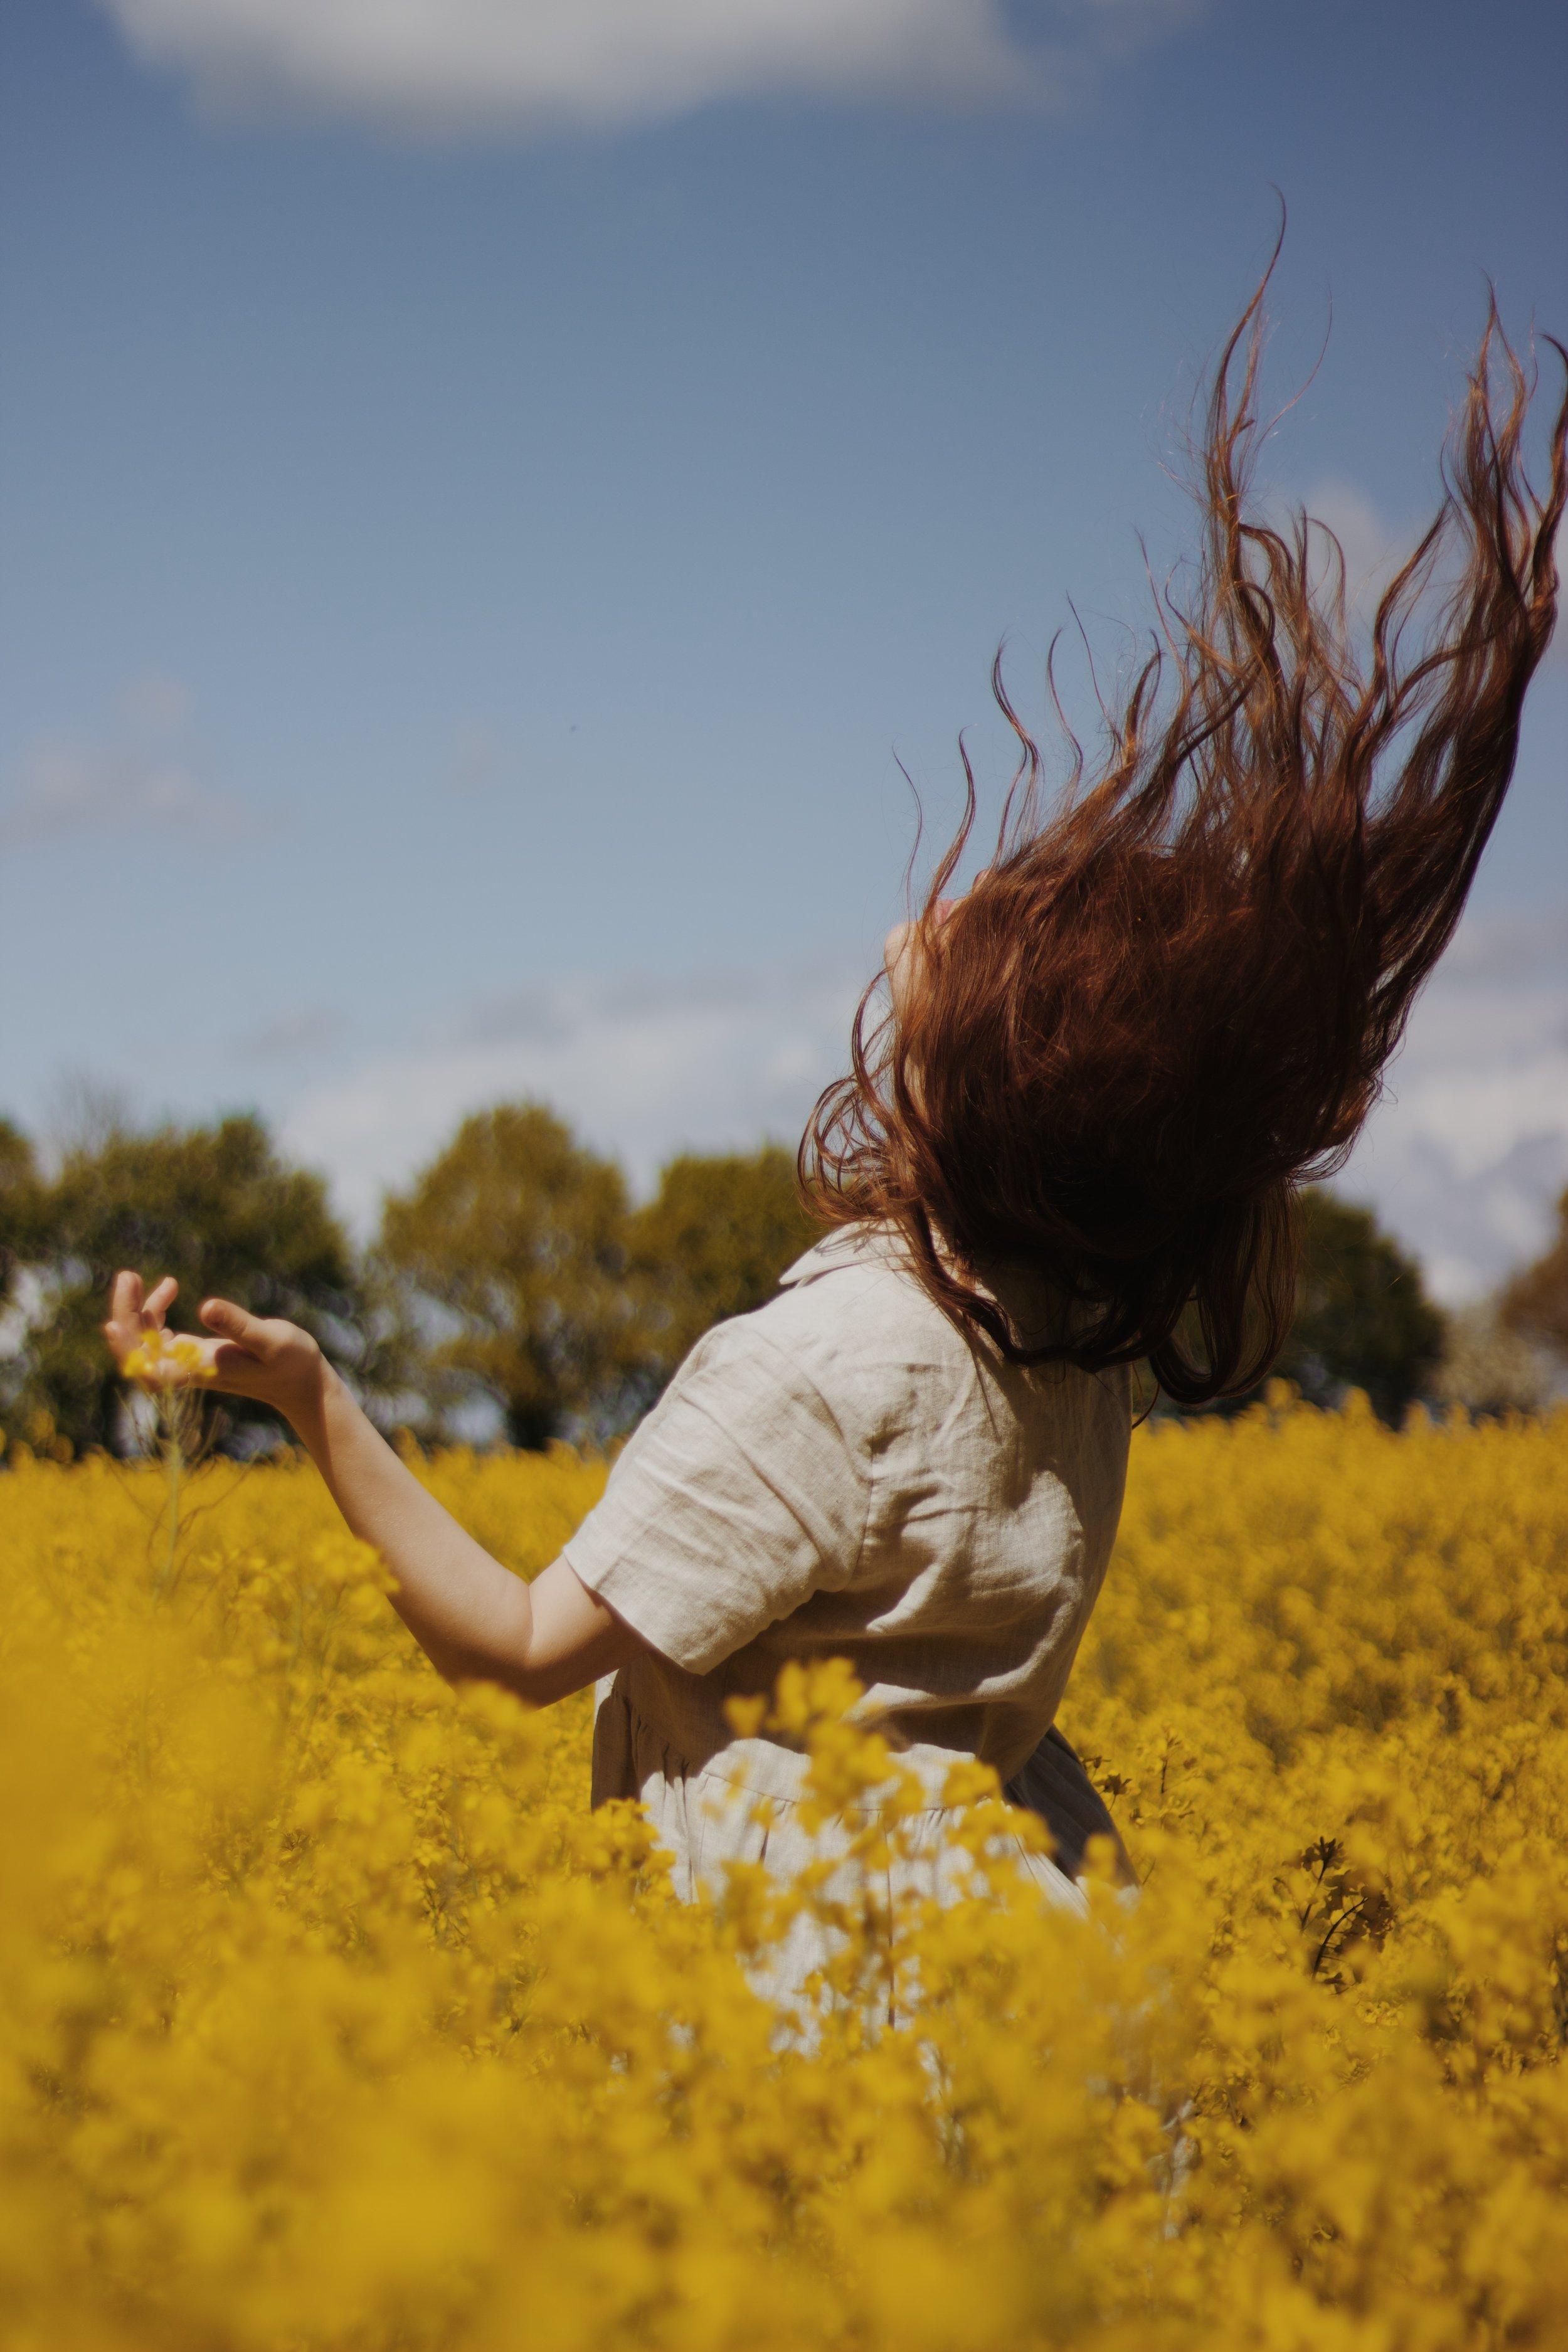 Girl in yellow rapeseed field in Spring | Field + Nest